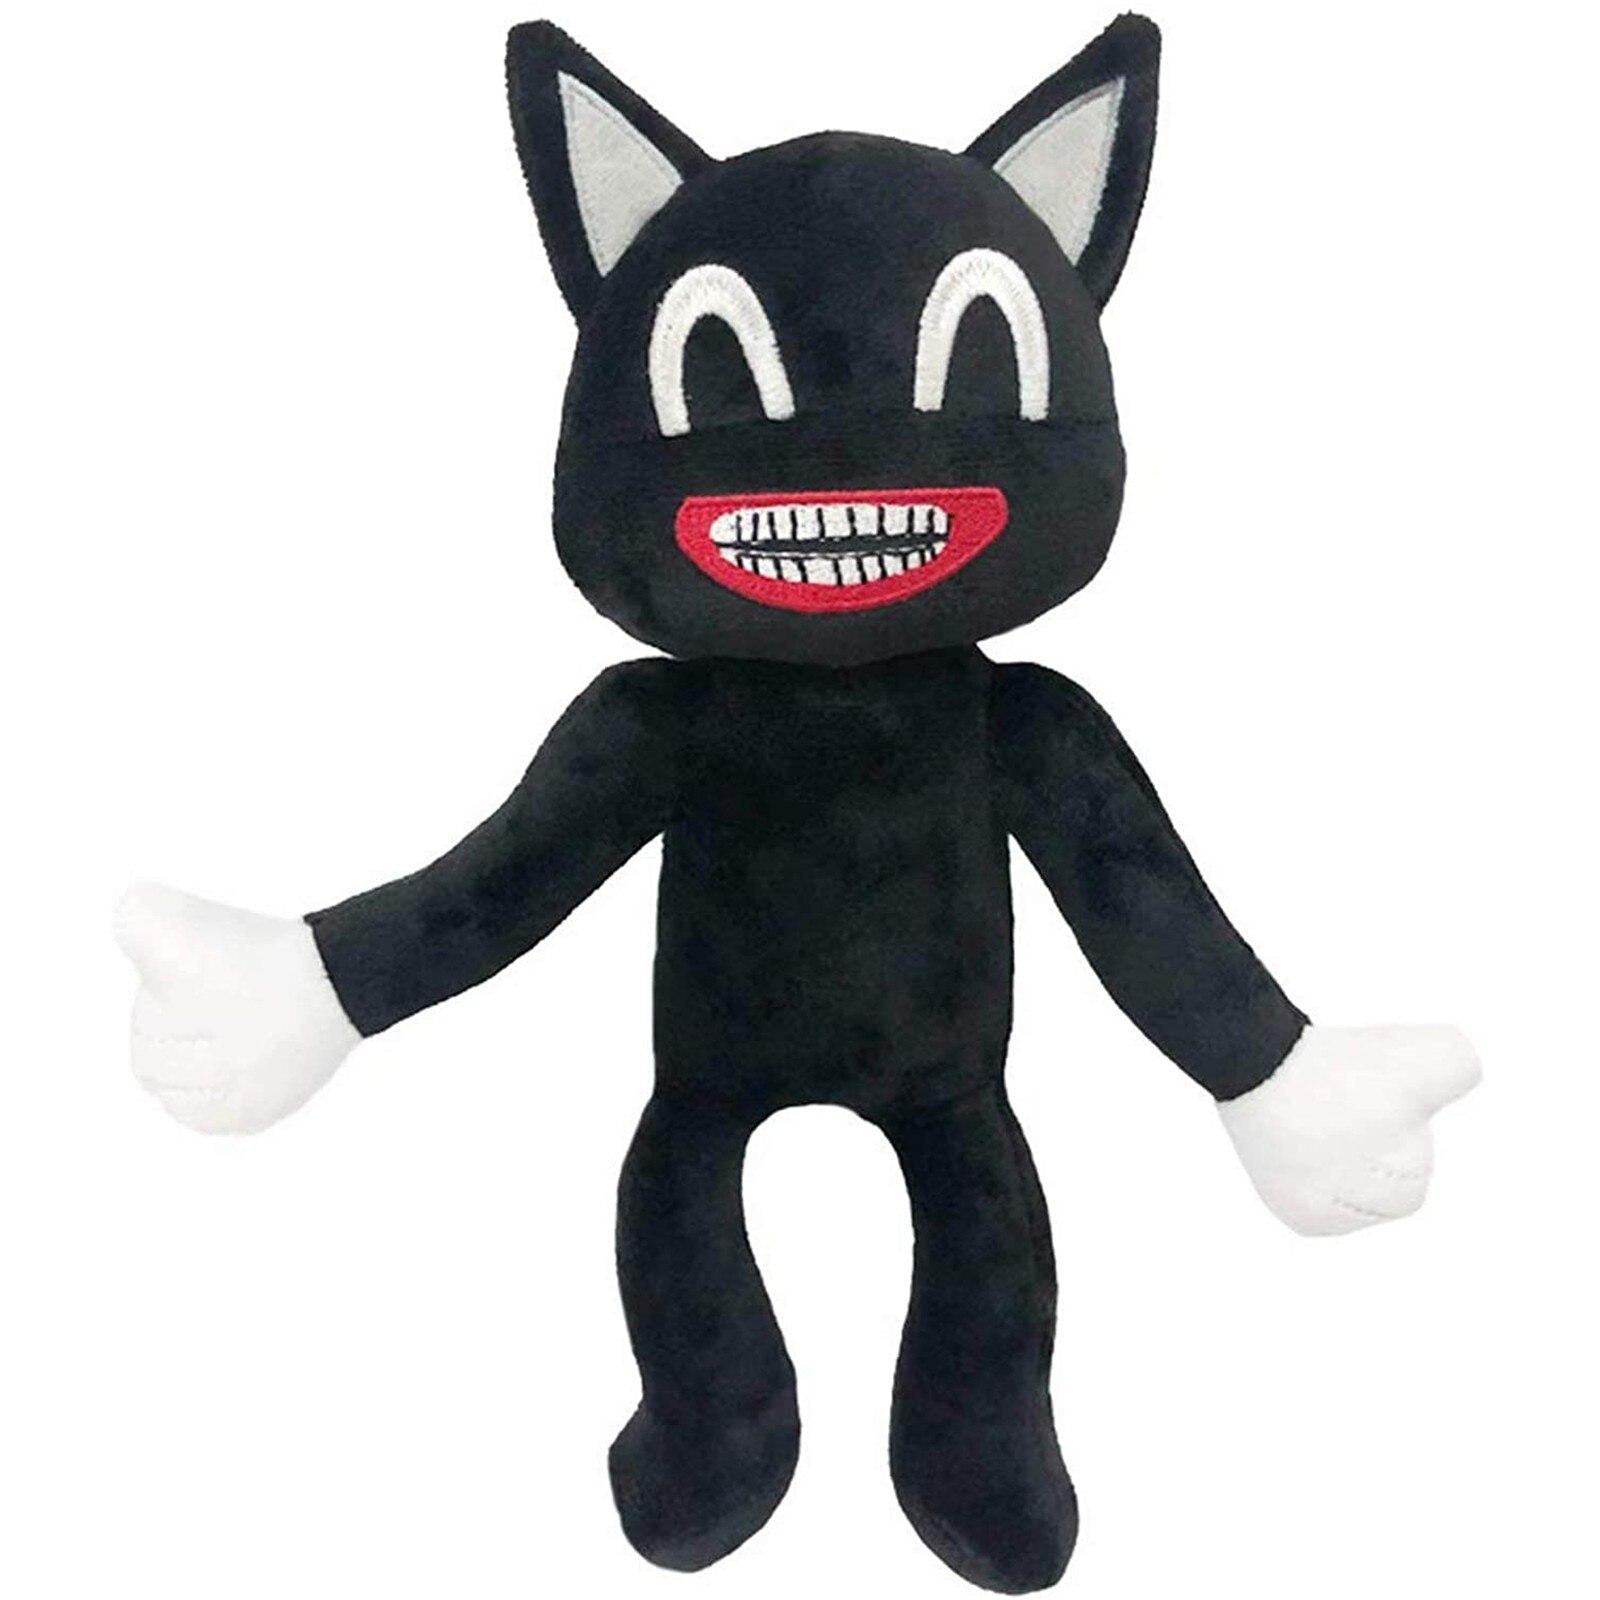 Плюшевая игрушка в виде головы сирены, 30 см, плюшевая игрушка, плюшевый мультяшный Кот, мягкая кукла, ужас, плюшевые игрушки для детей, рождес...